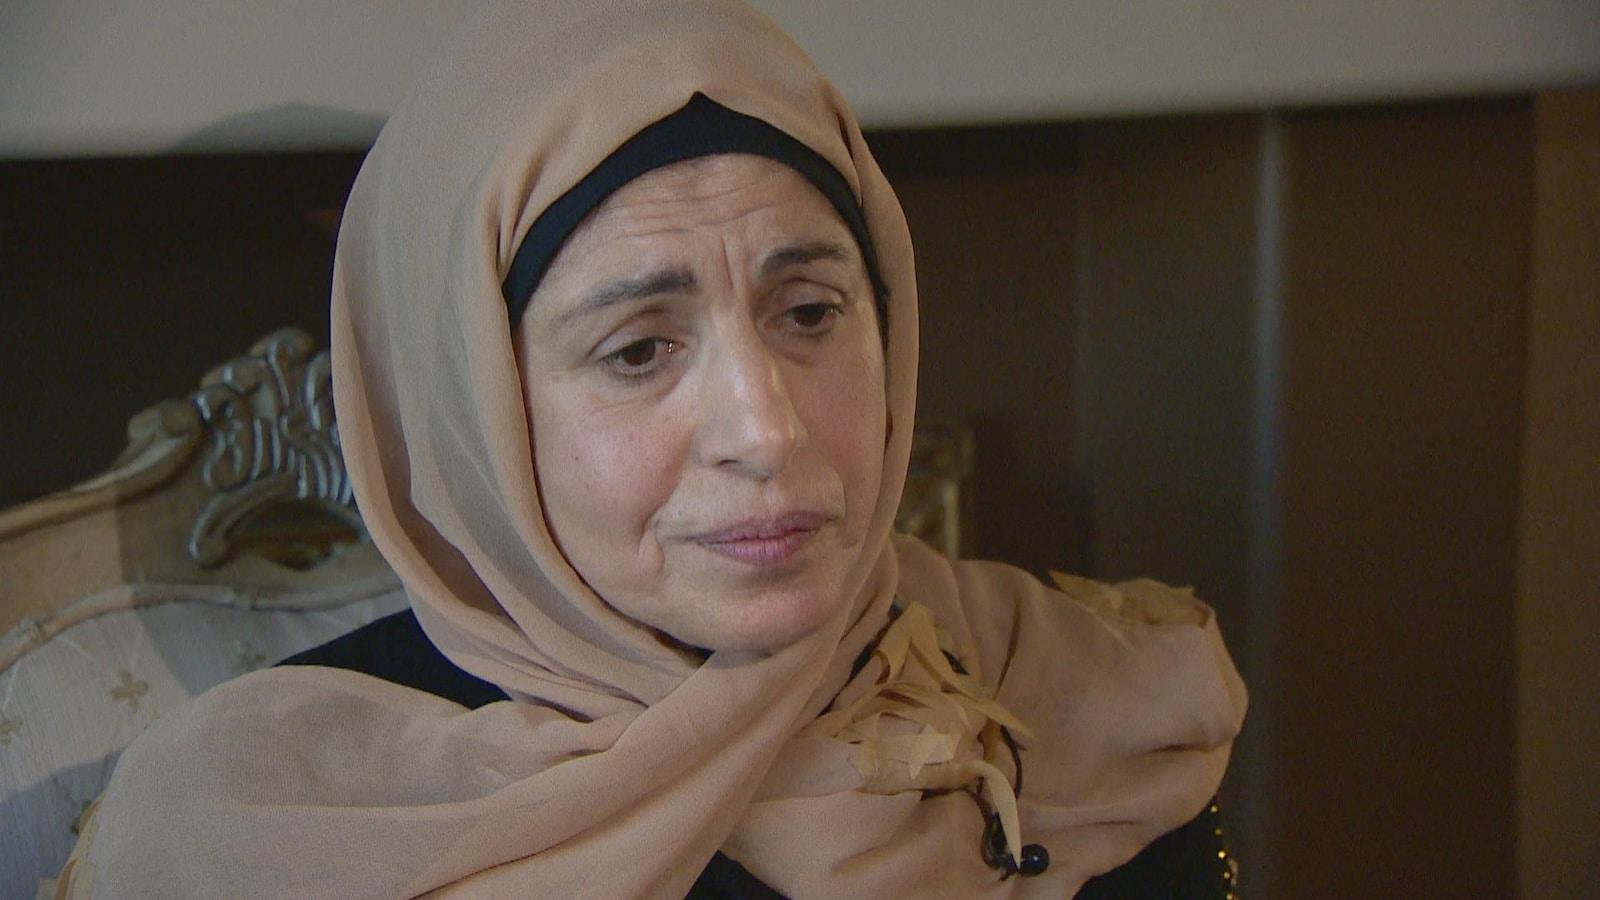 Salwa Atwi porte un hidjab brun. Elle a les yeux baissés et une expression triste.